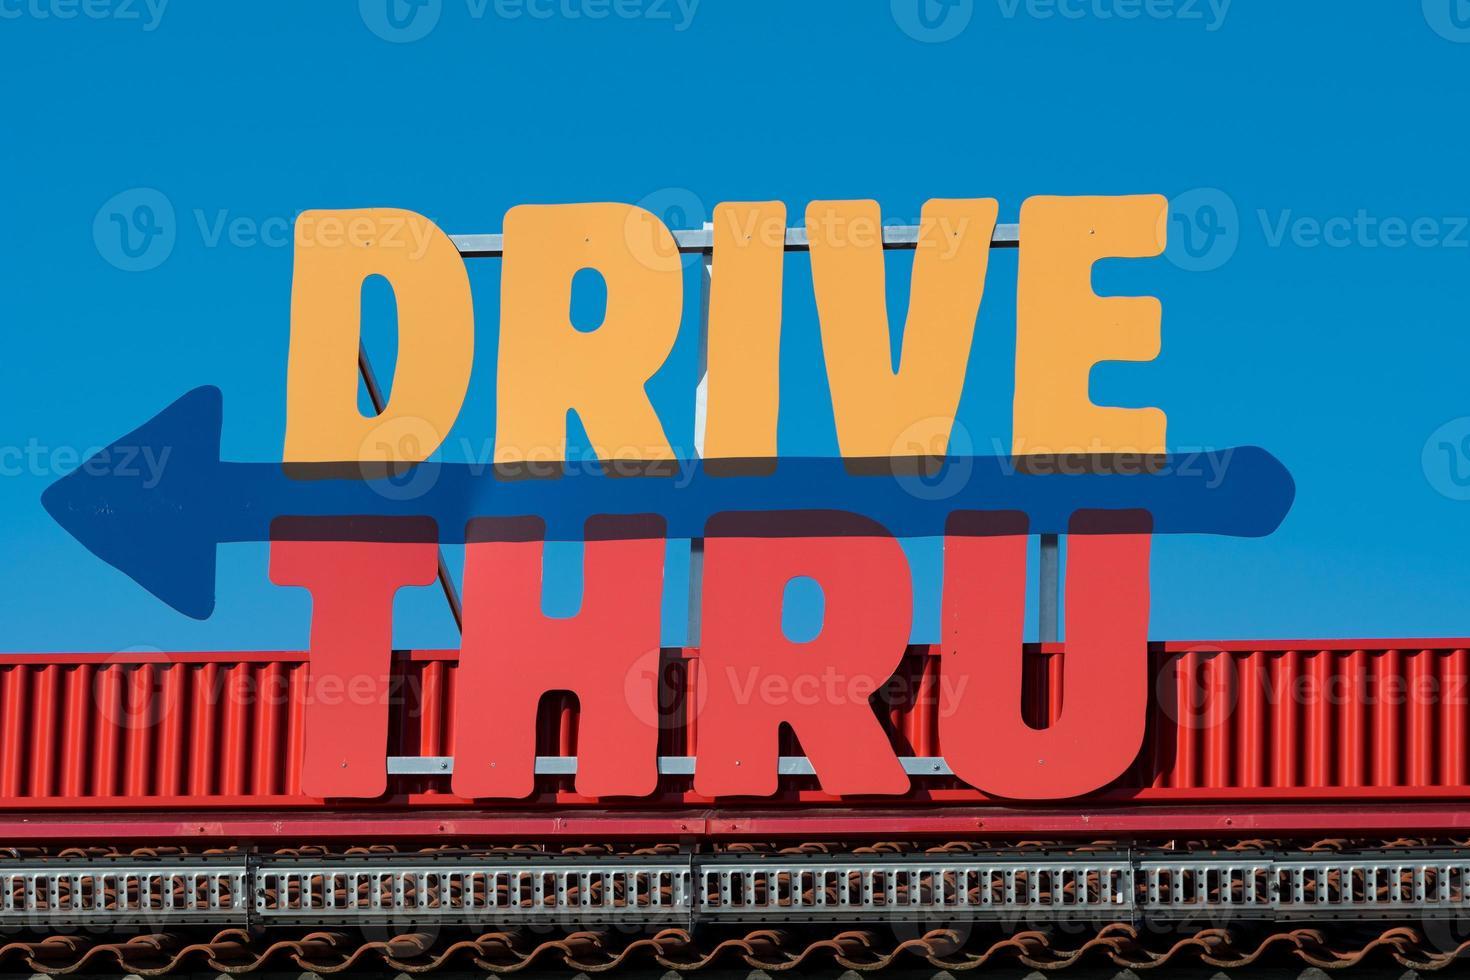 färgglada kör igenom tecken på ett tak foto